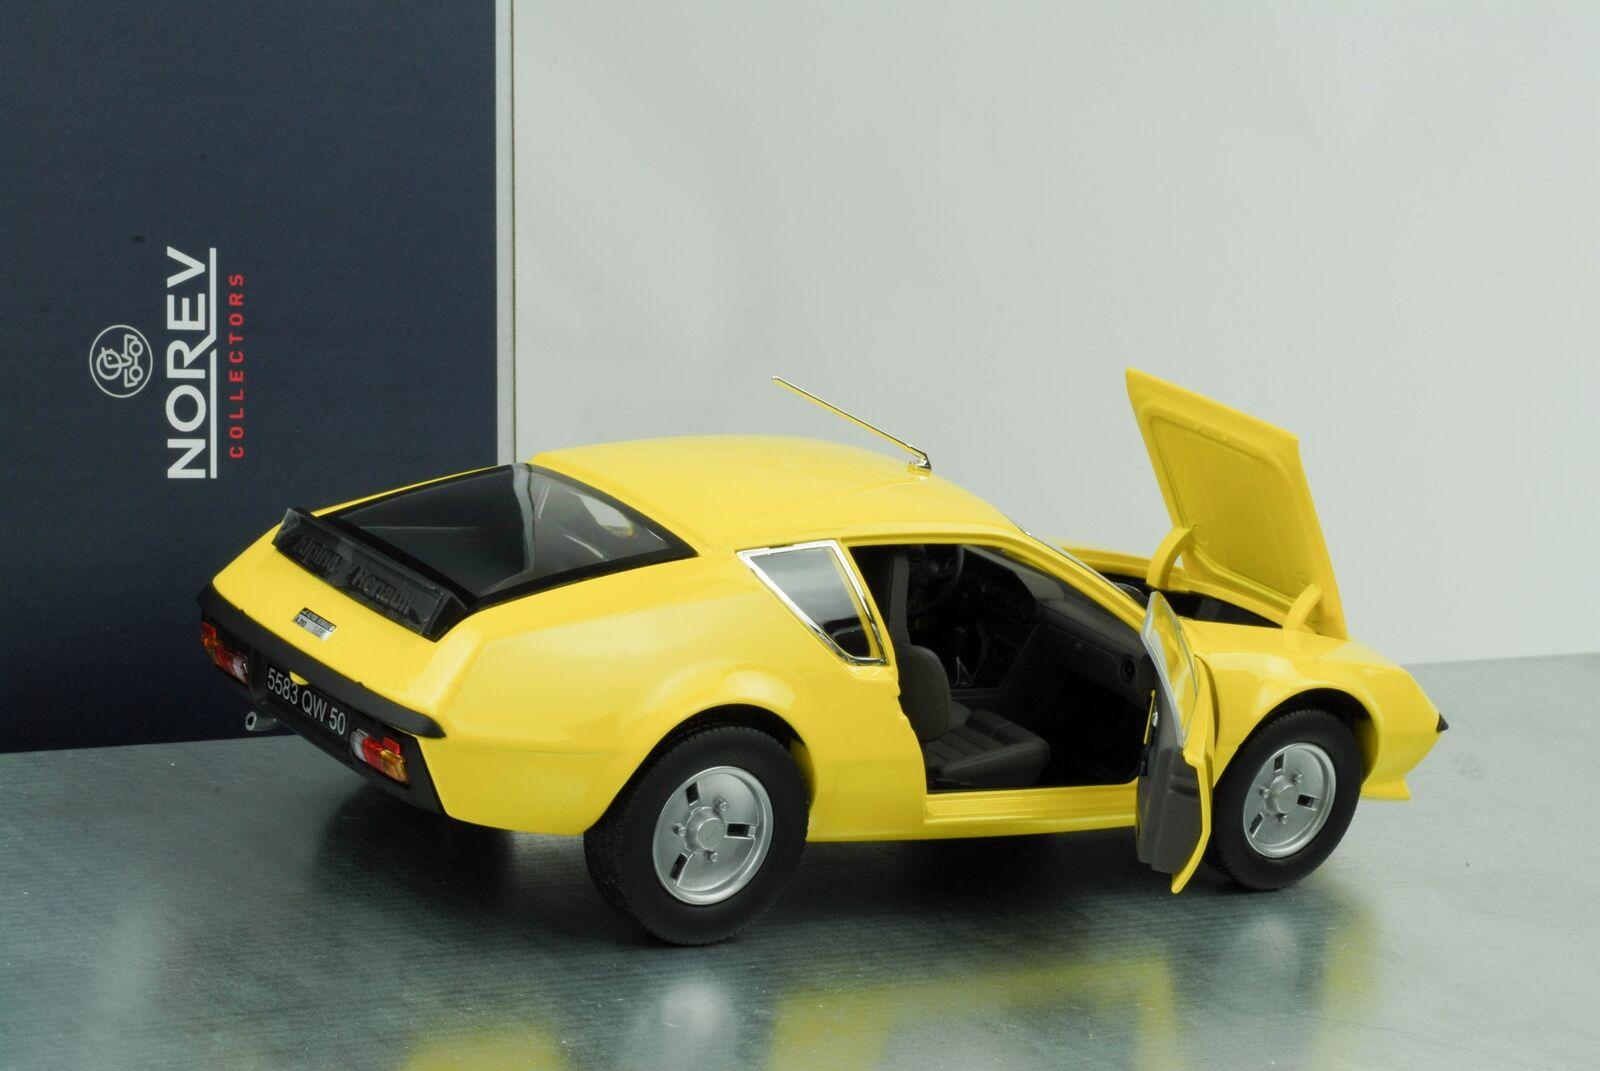 1977 Renault Alpine a310 giallo 1 18 norev 185147